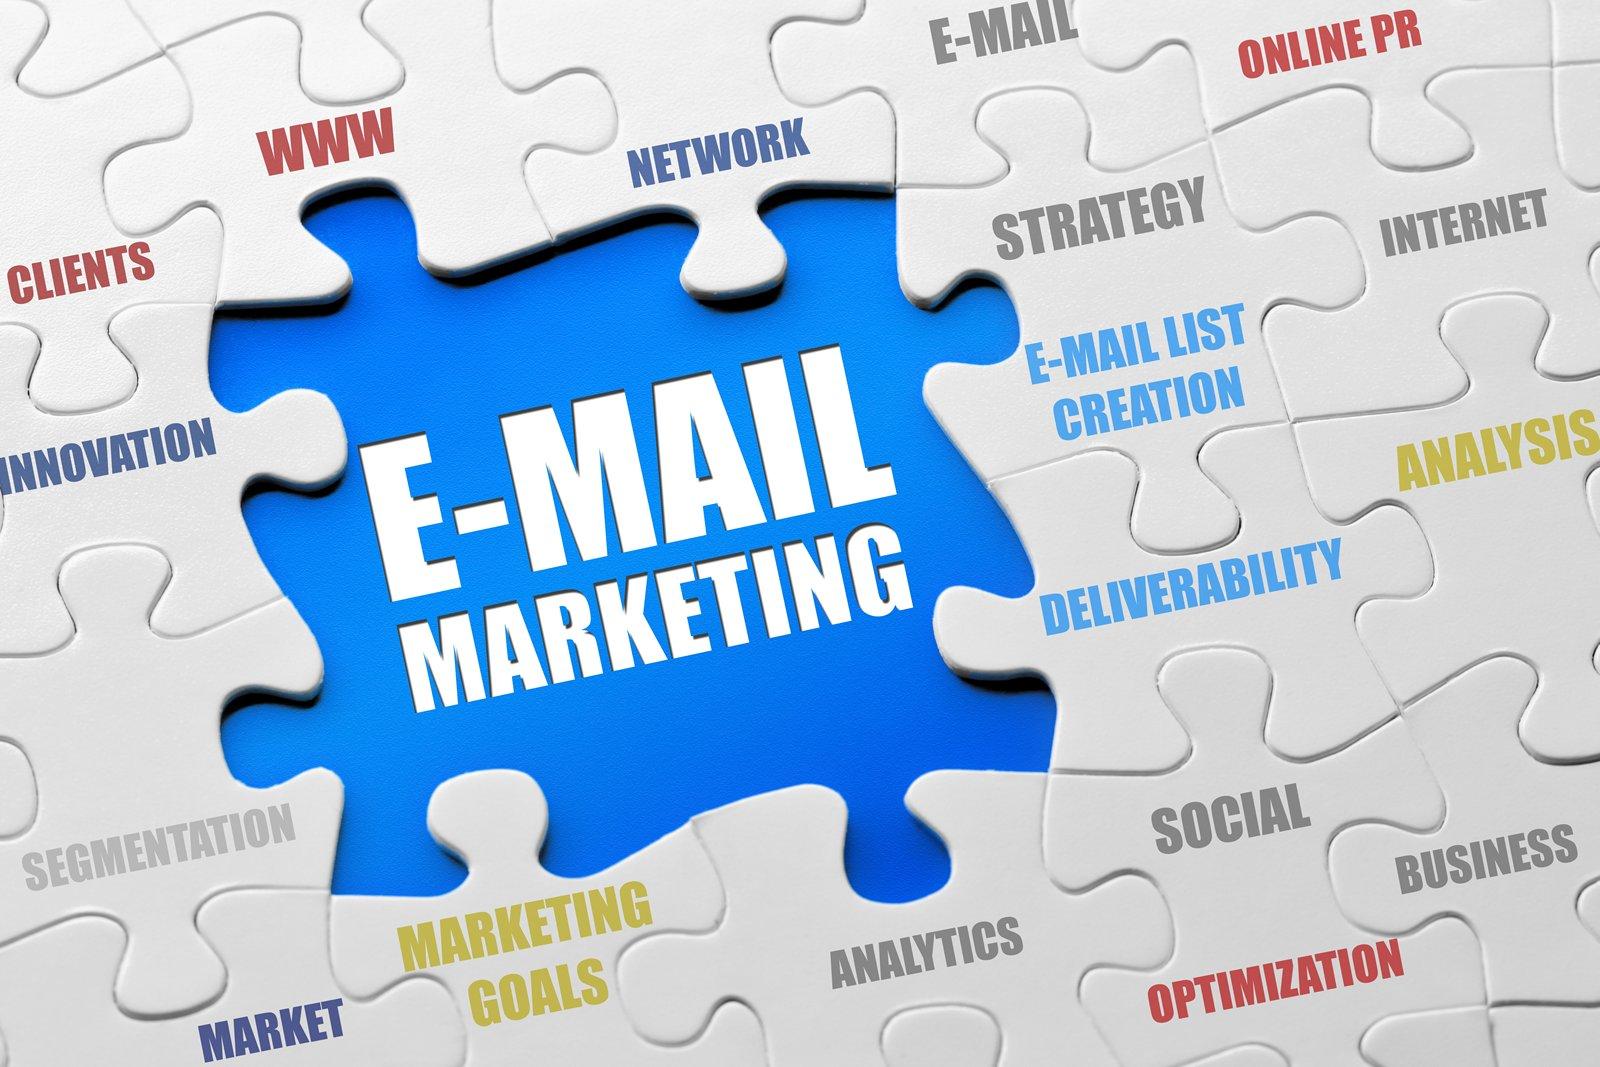 Email-маркетинг и SEO - Как взаимосвязаны эти два понятия